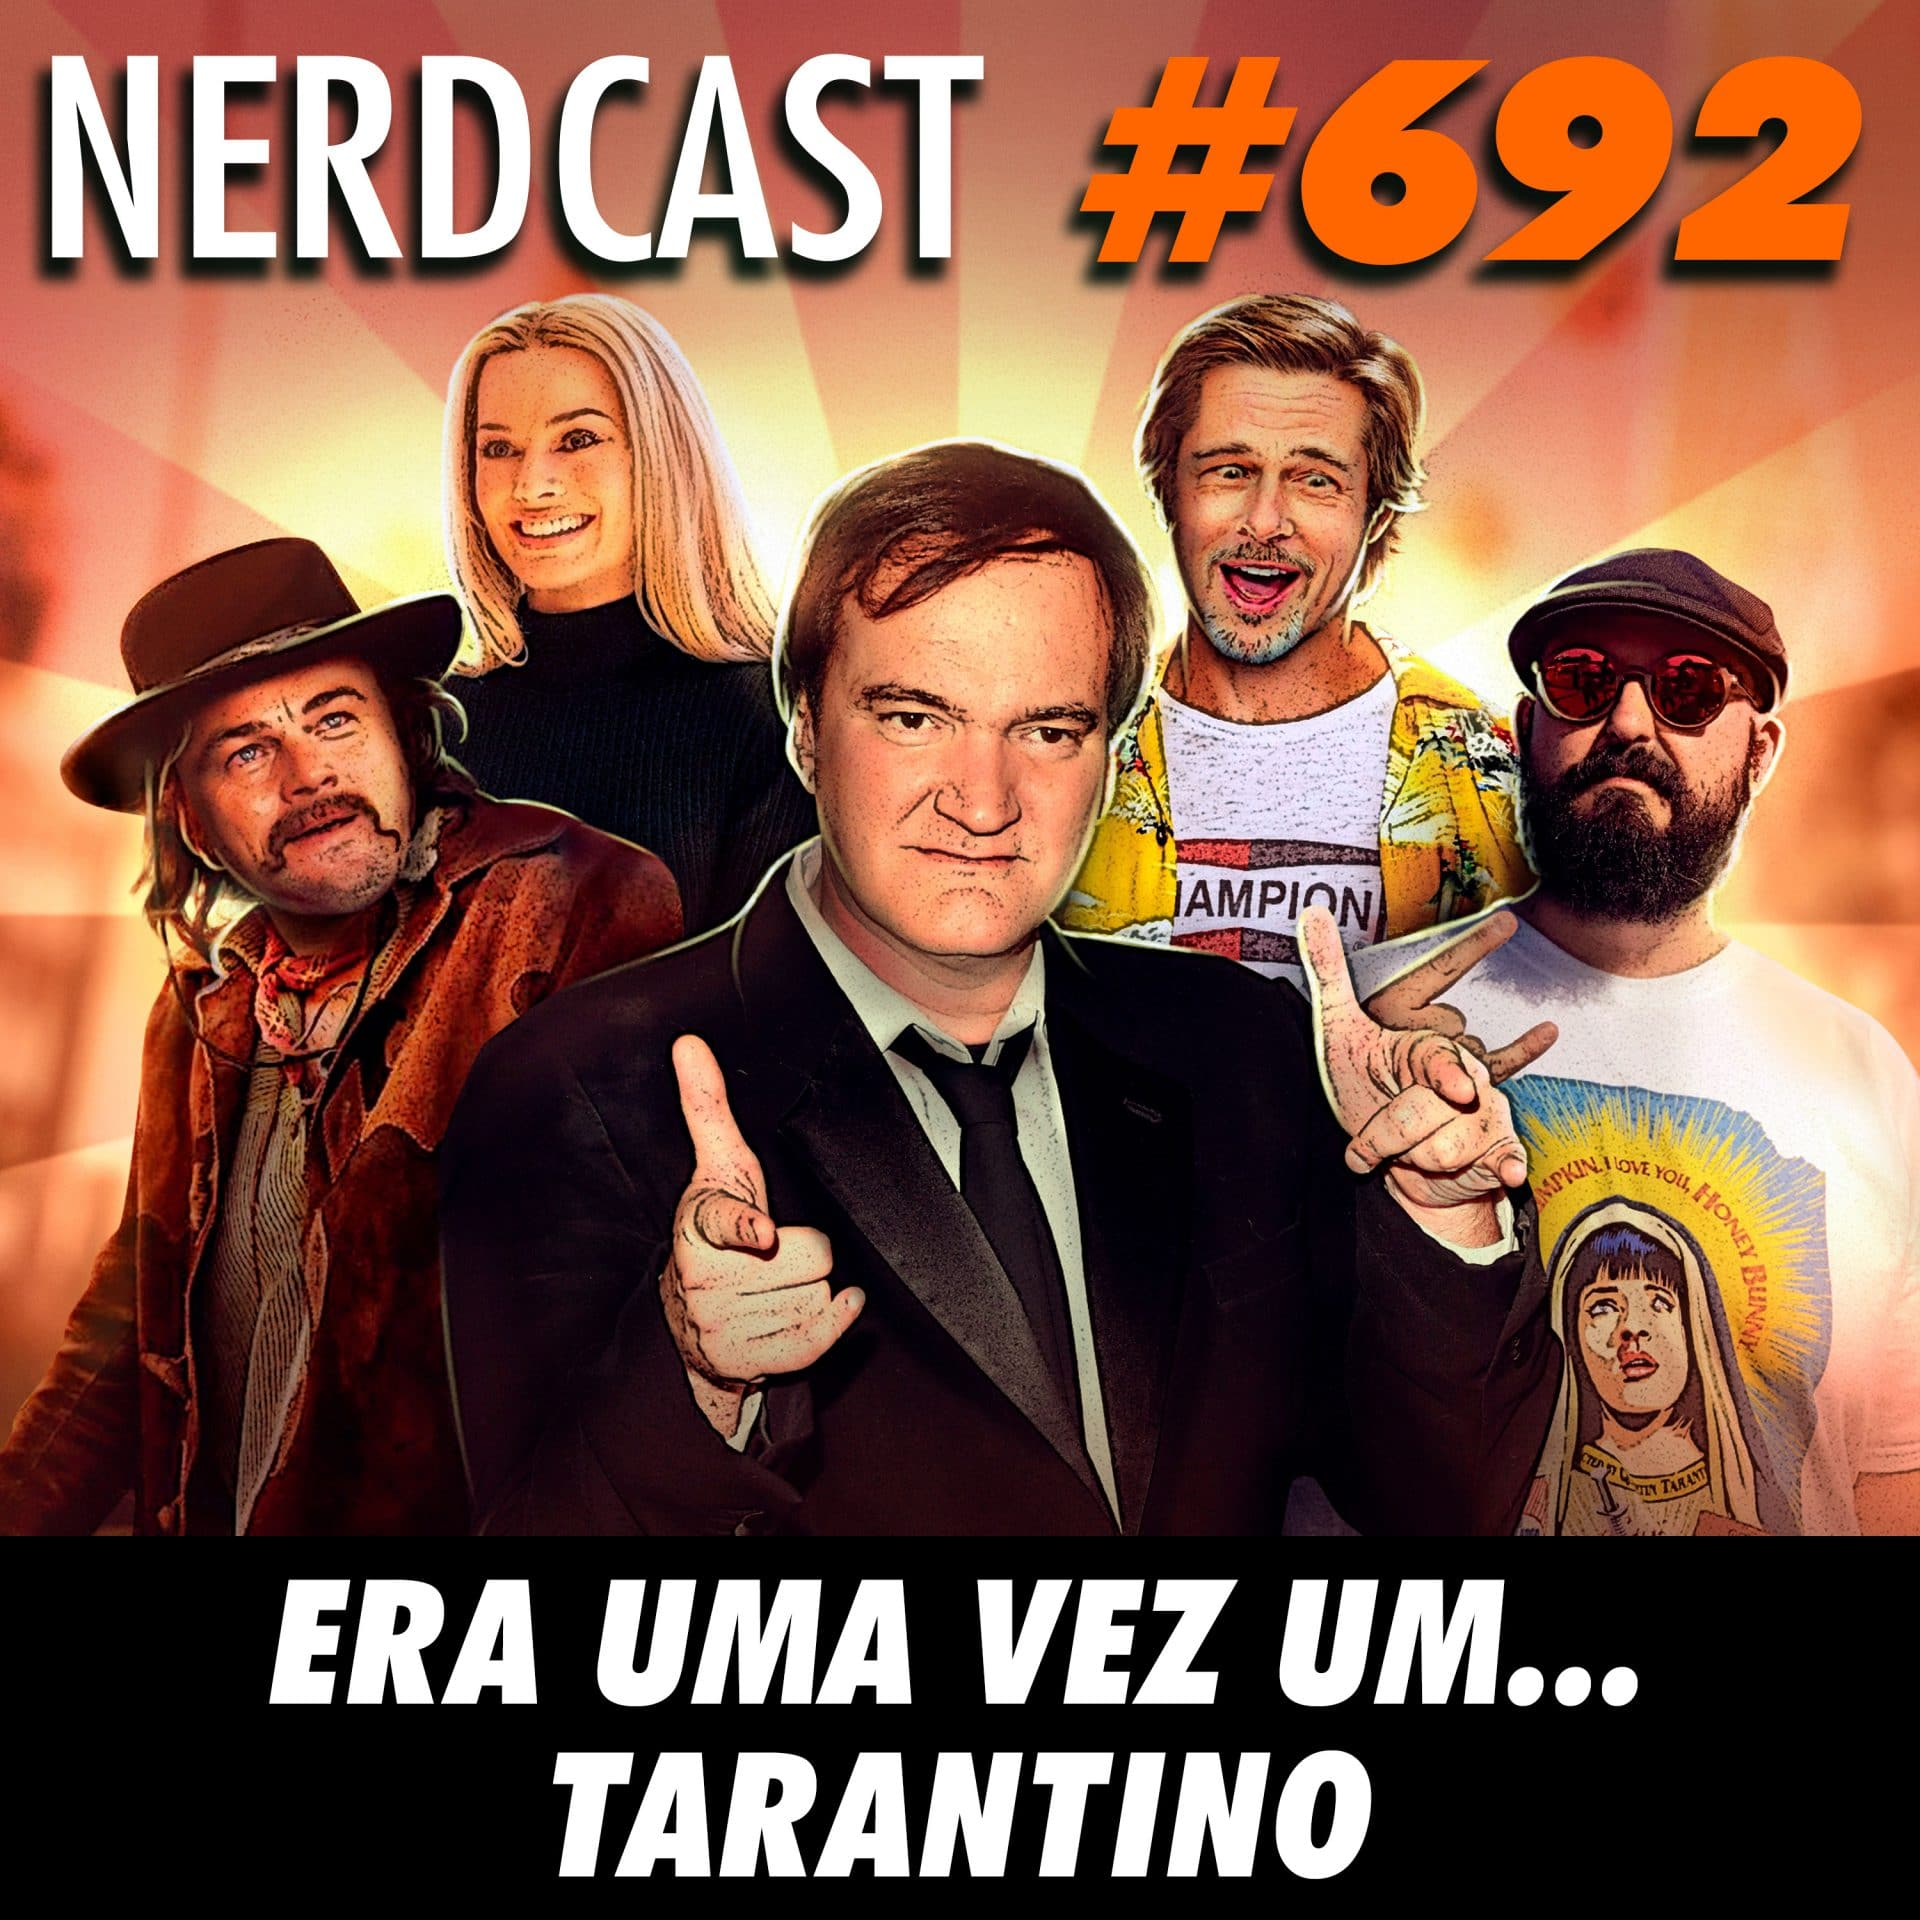 NerdCast 692 - Era uma vez um… Tarantino